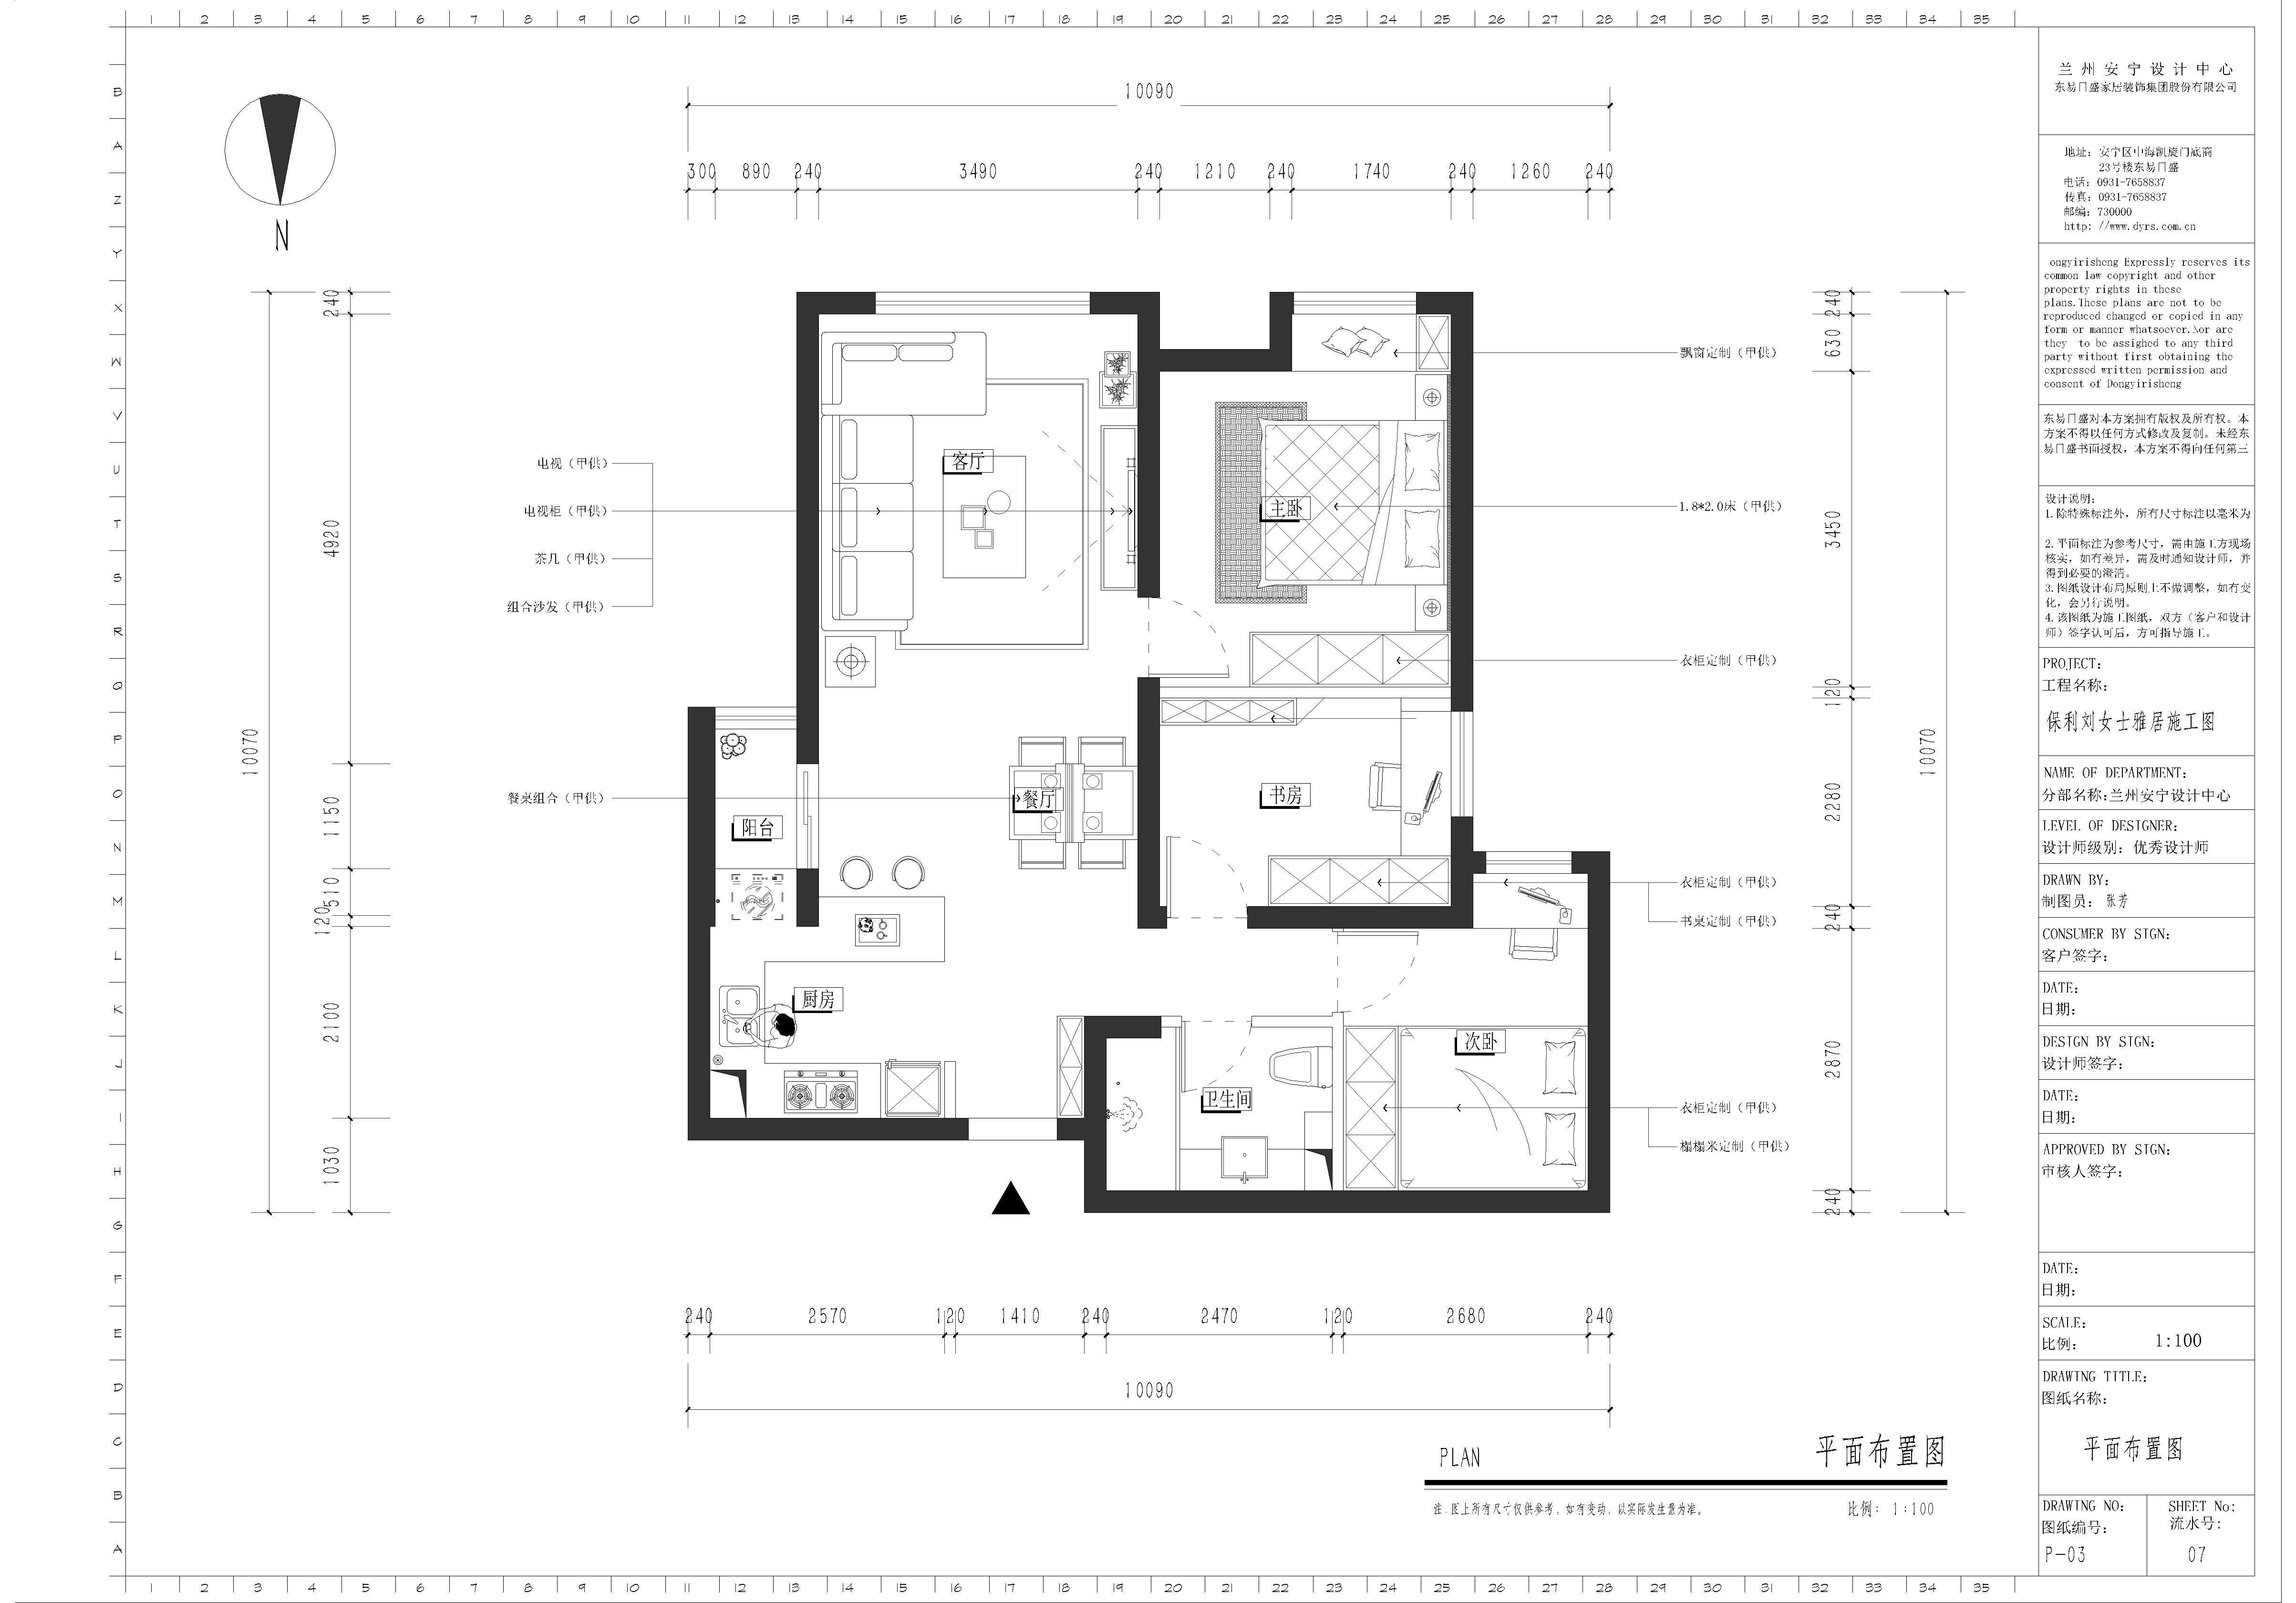 保利领秀山-93平米-后现代风格装修案例效果图装修设计理念